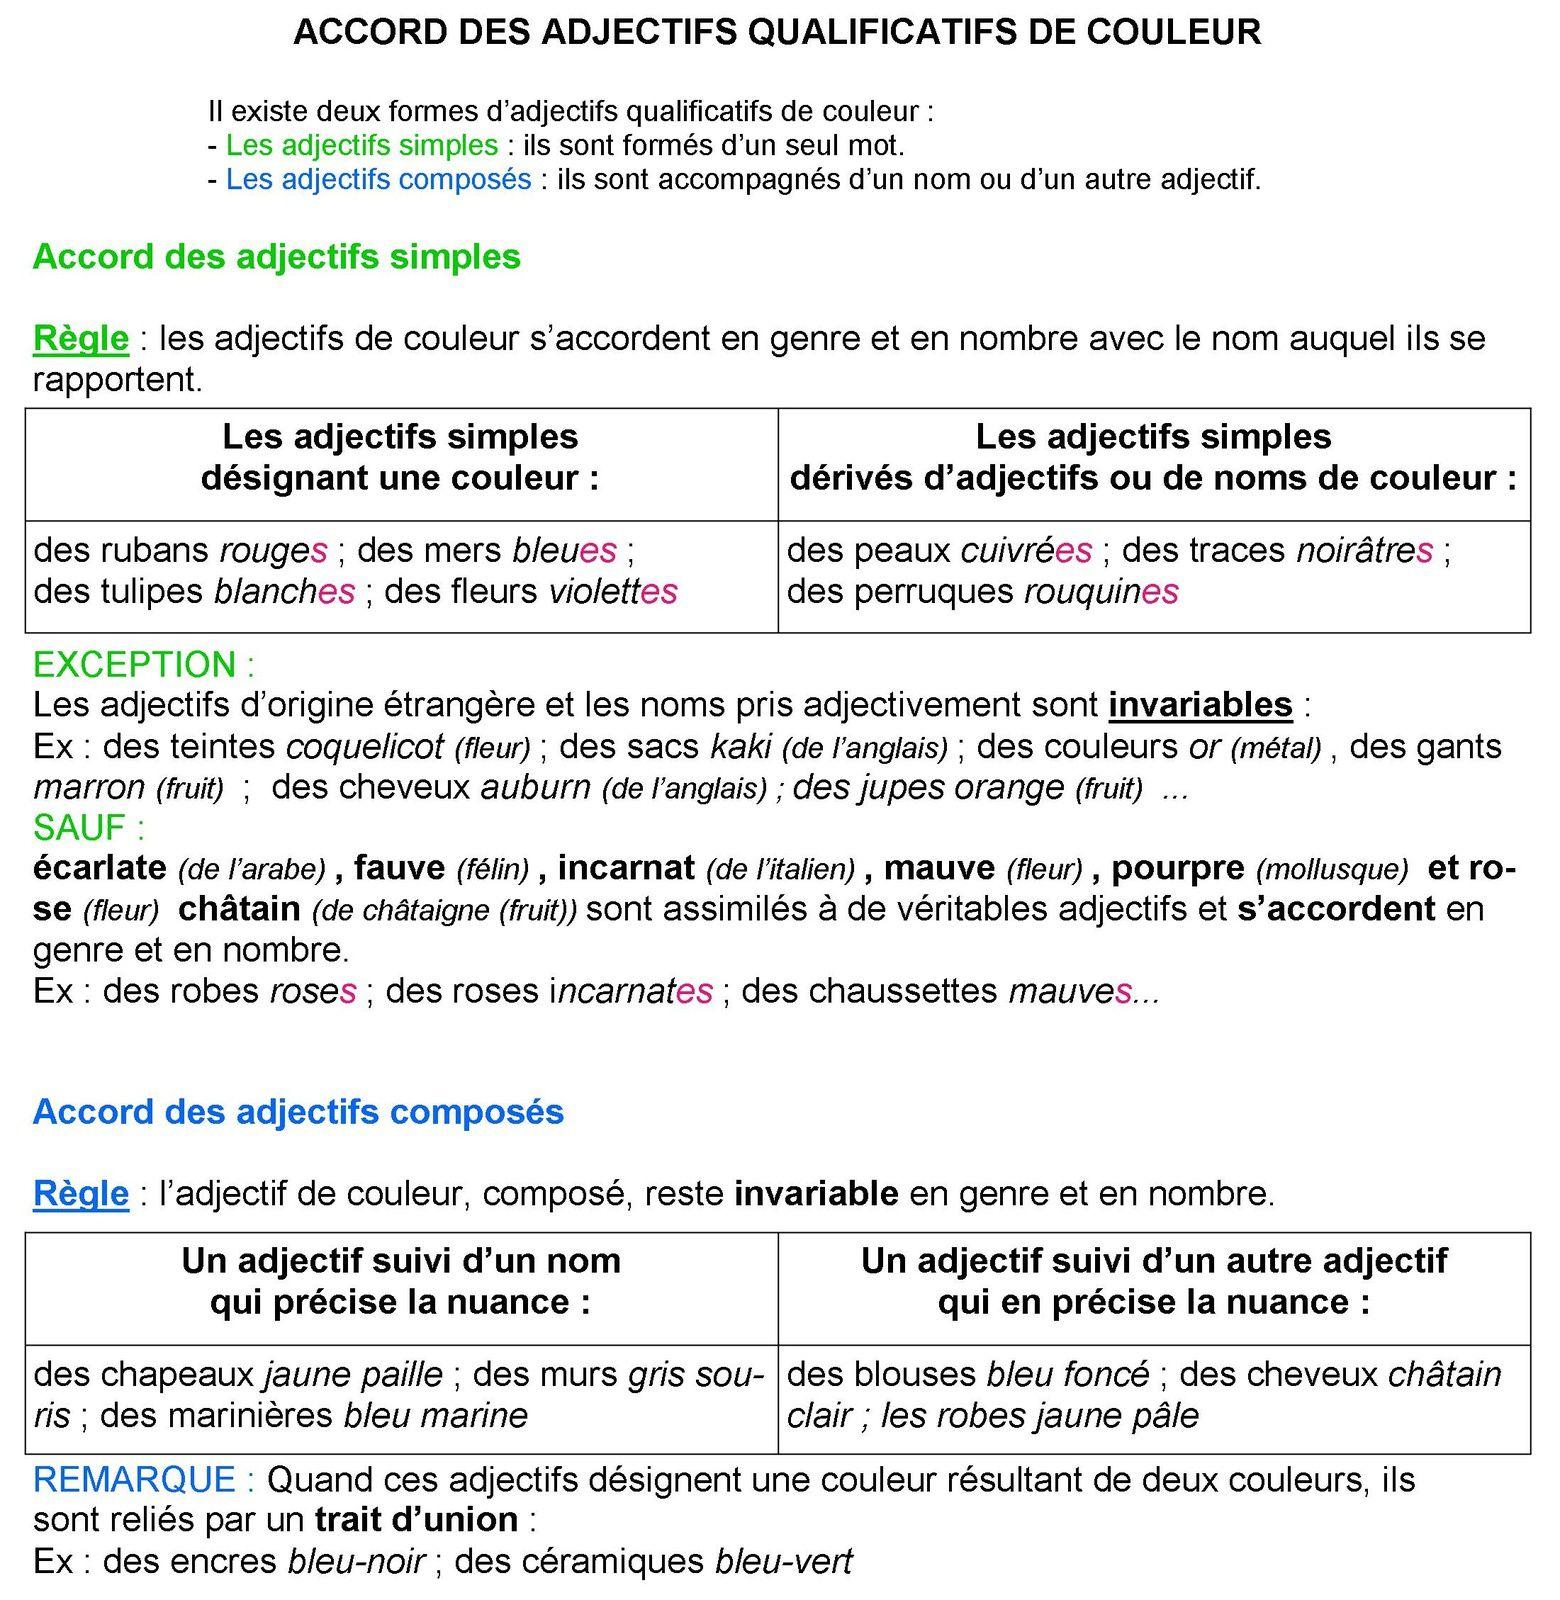 Les adjectifs de couleurs